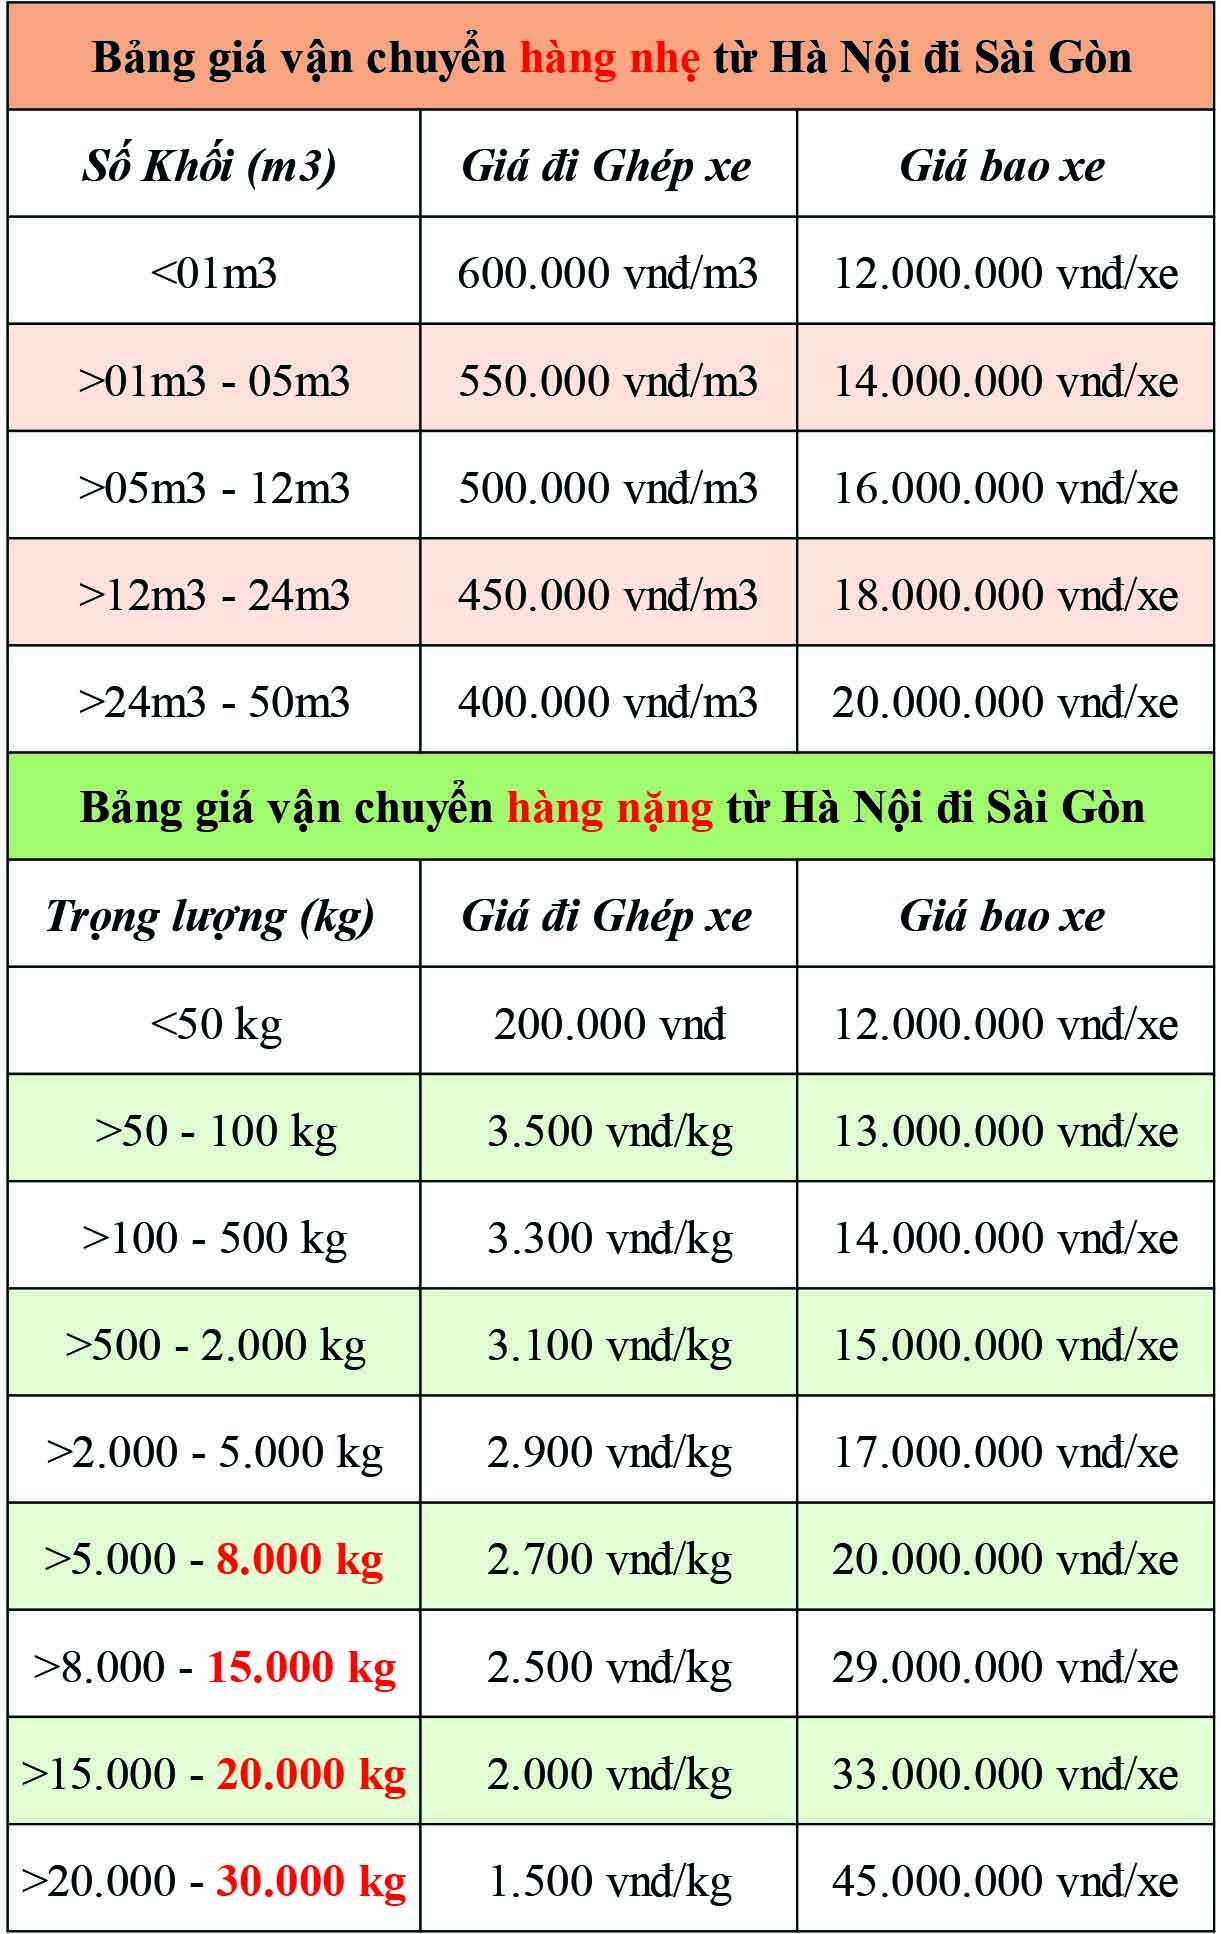 Bảng giá Cước phí Vận chuyển hàng hóa từ Hà Nội đi HCM